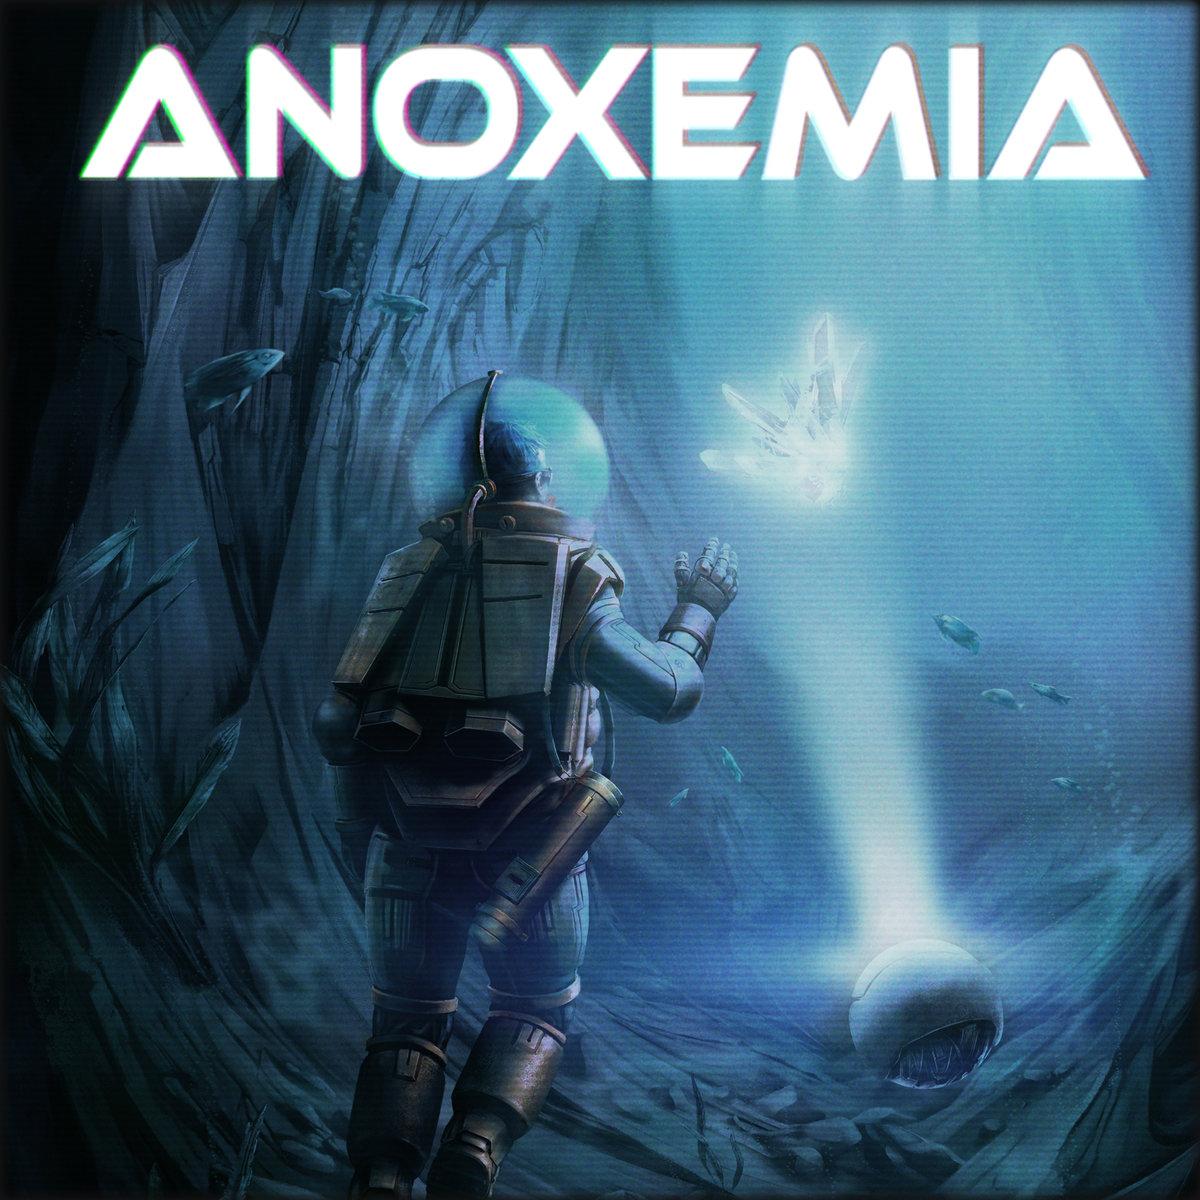 Anoxemia digitaal verkrijgbaar vanaf 28 maart!